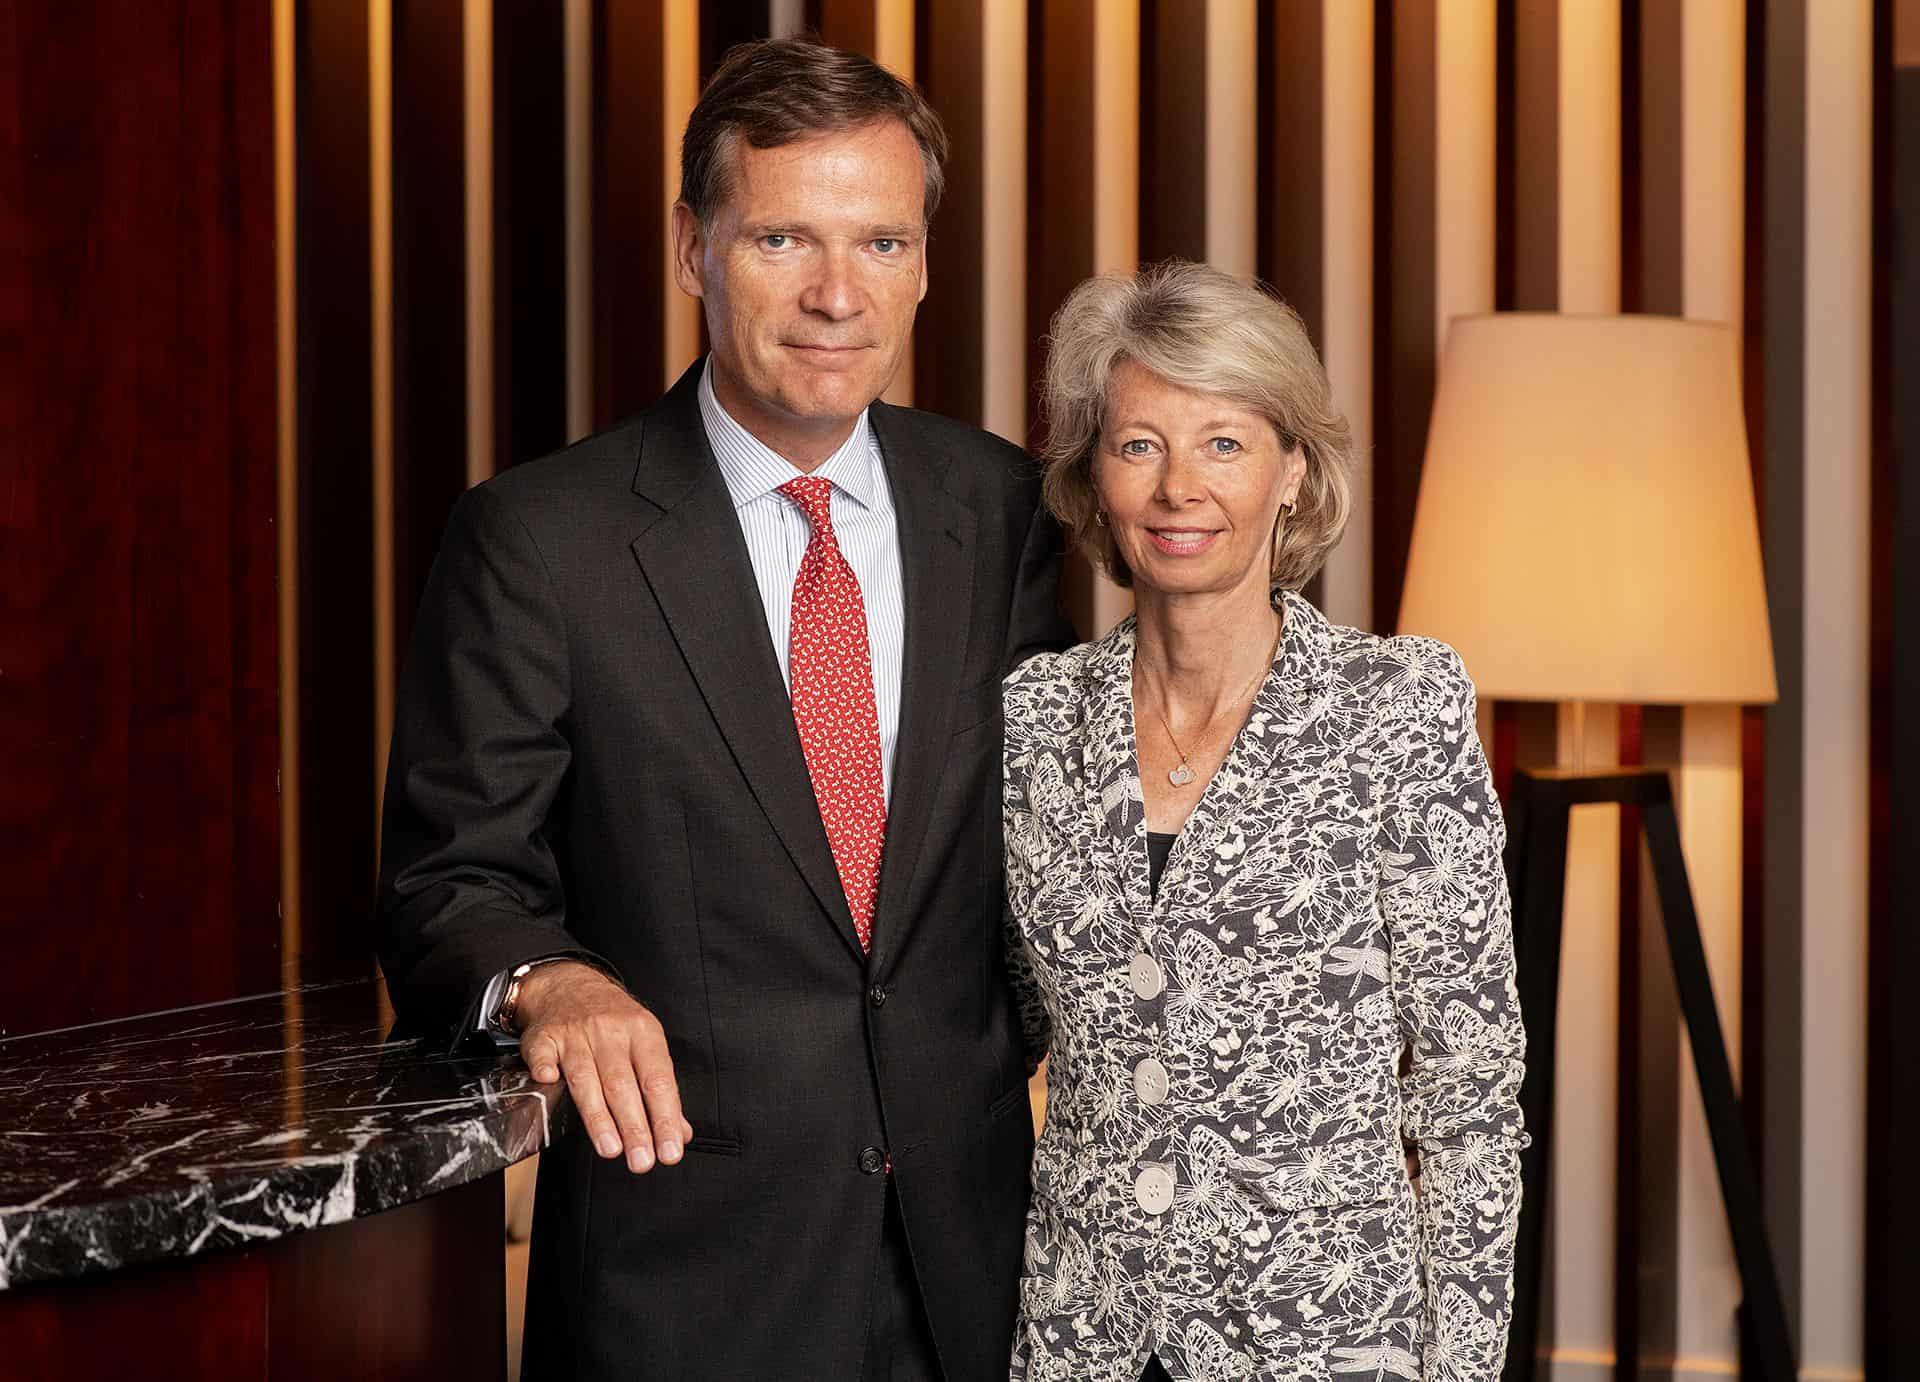 Die Eigentümer der Marke Frederique Constant Aletta Stas-Bax und Peter C. Stas